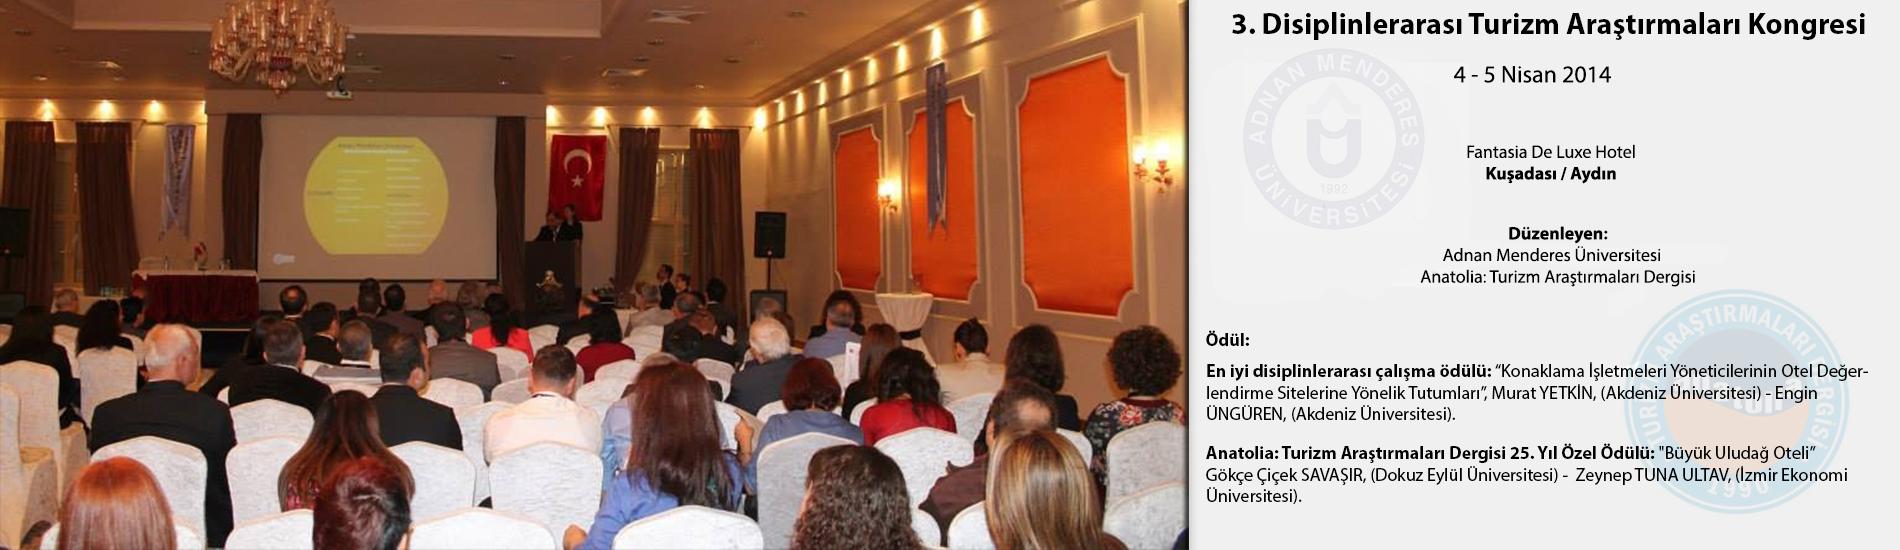 3. Disiplinlerarası Turizm Araştırmaları Kongresi